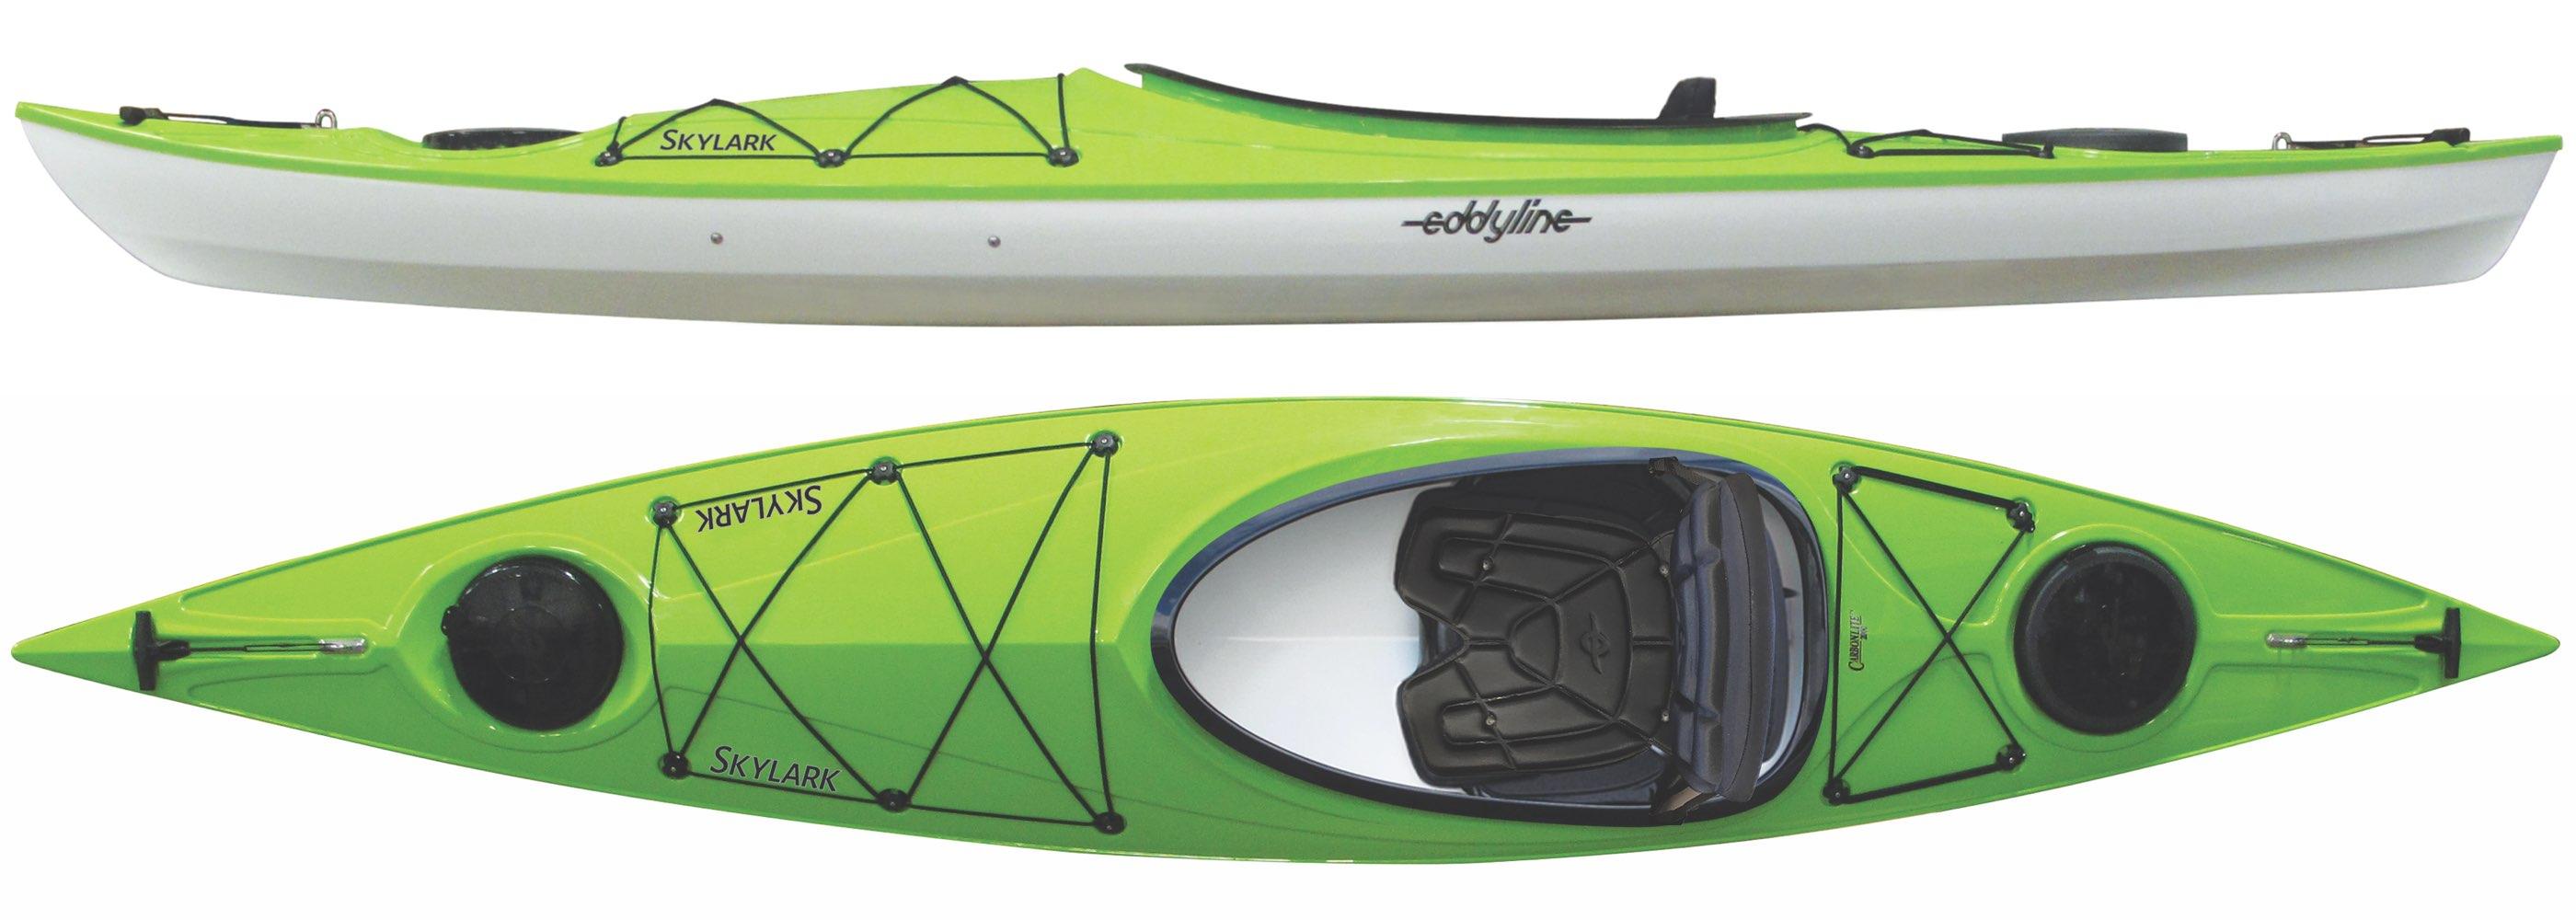 Kayaks: Skylark by Eddyline Kayaks - Image 3288